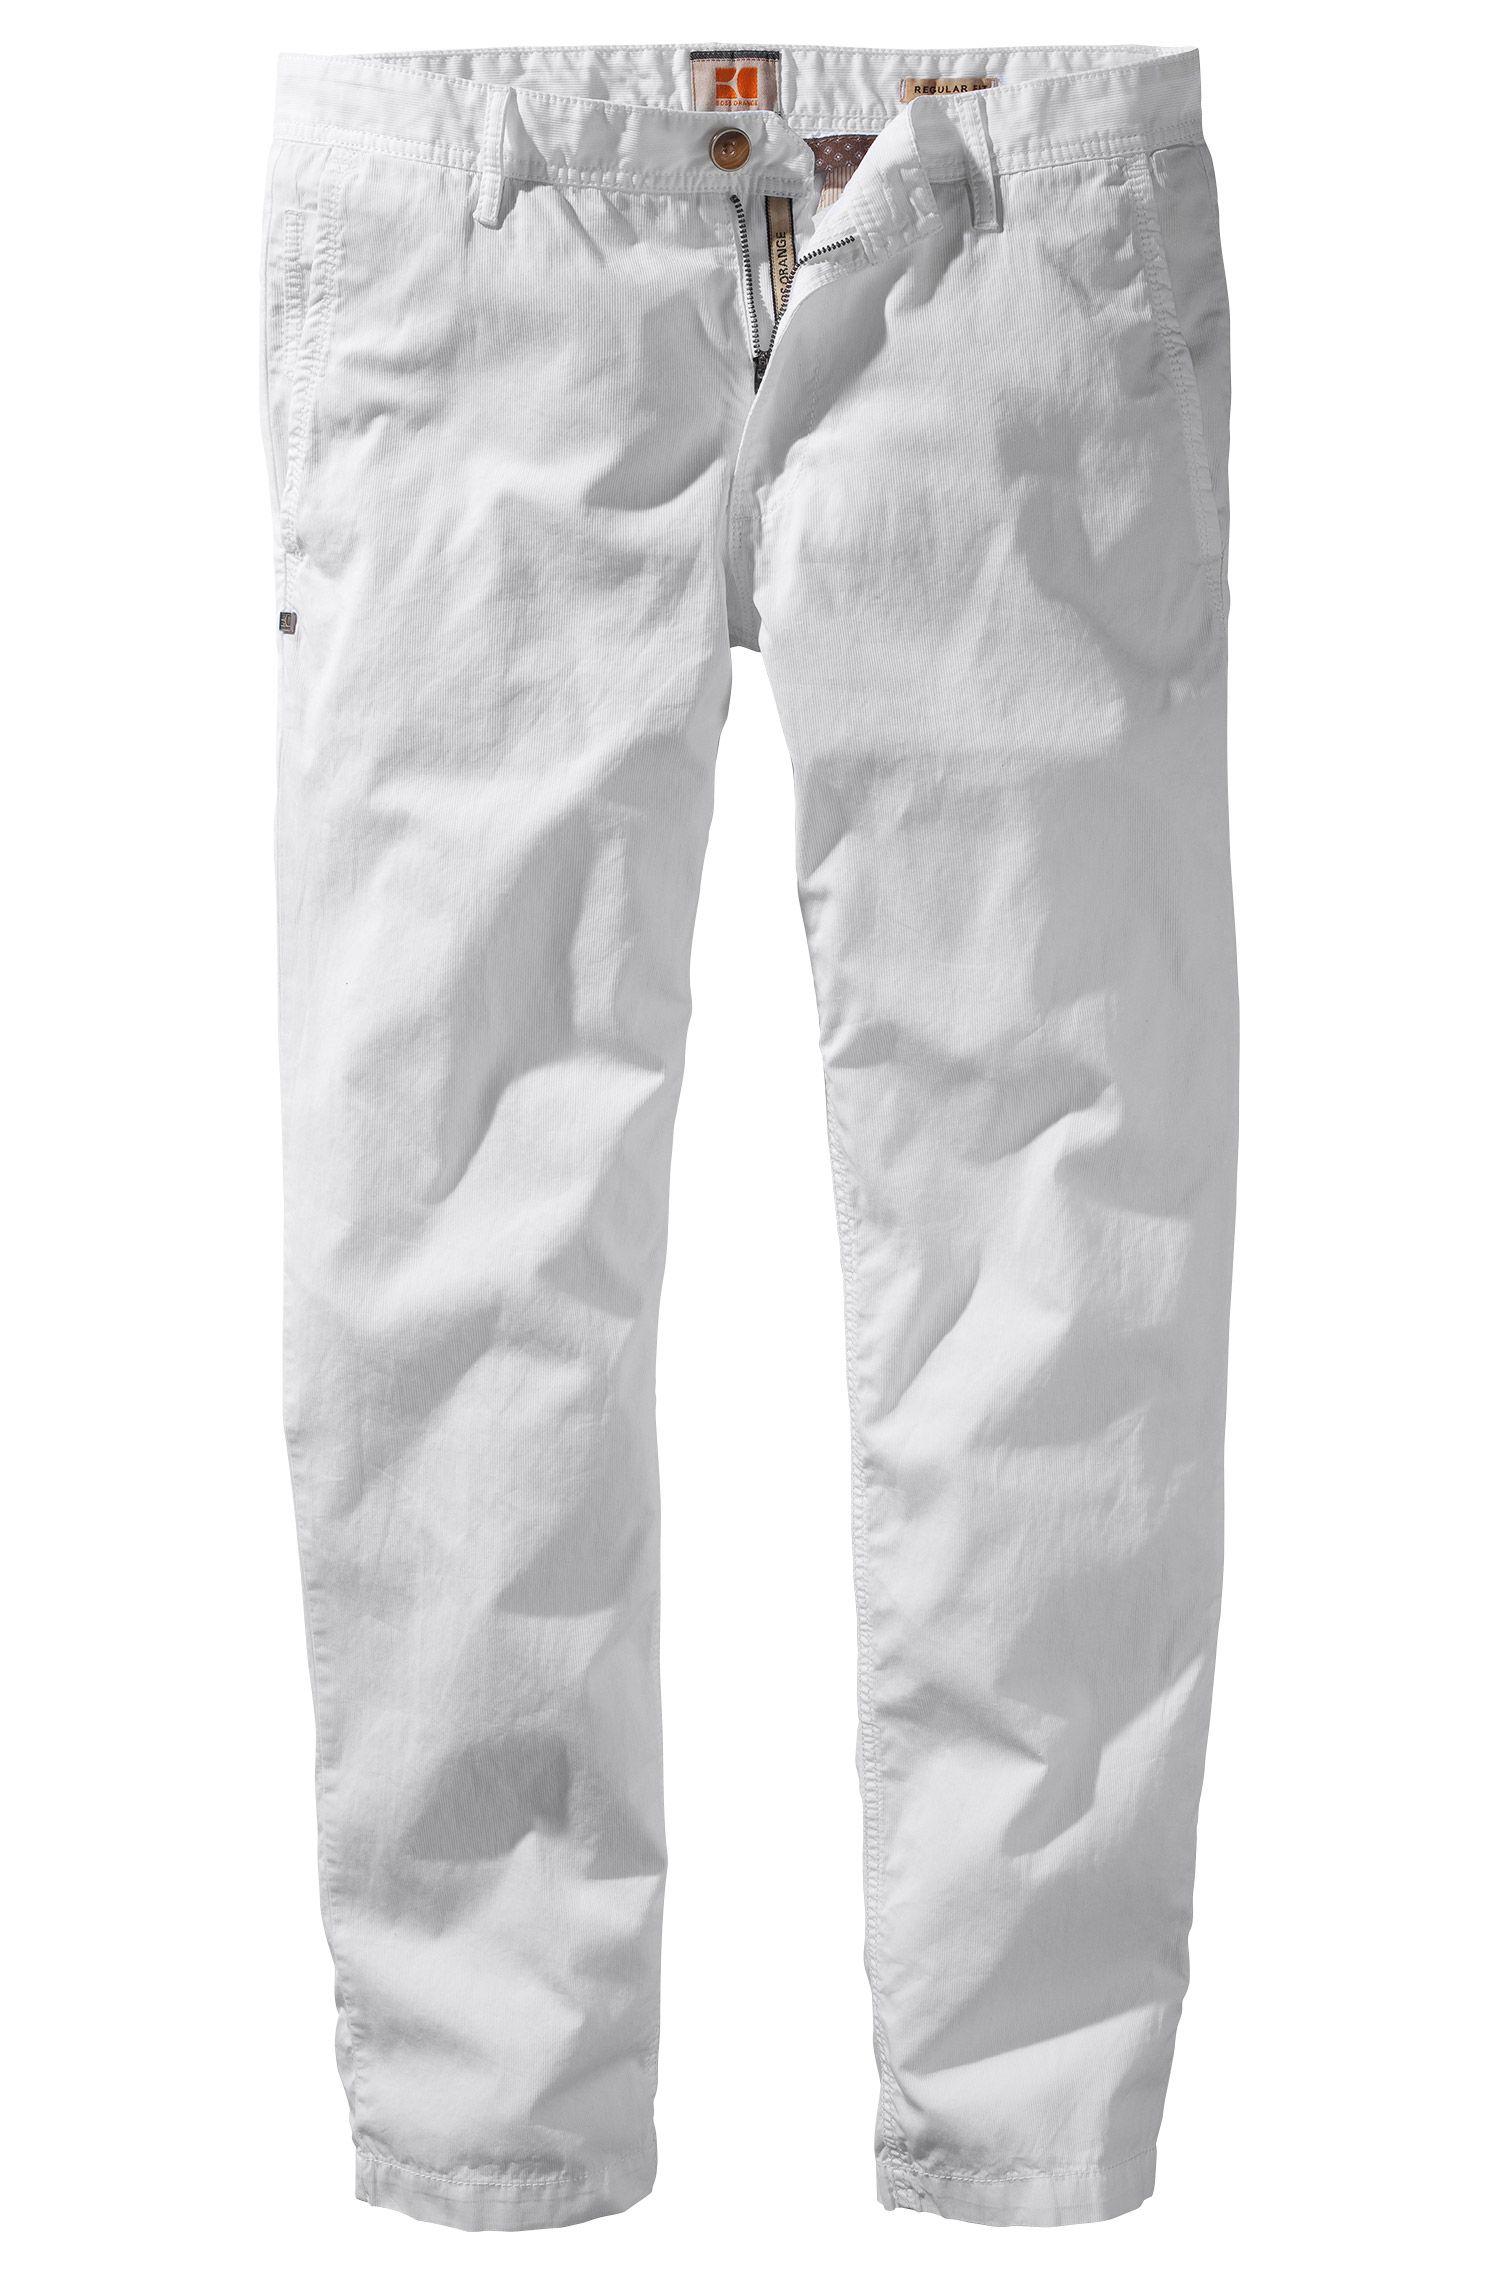 Katoenen broek ´Shire6-W`